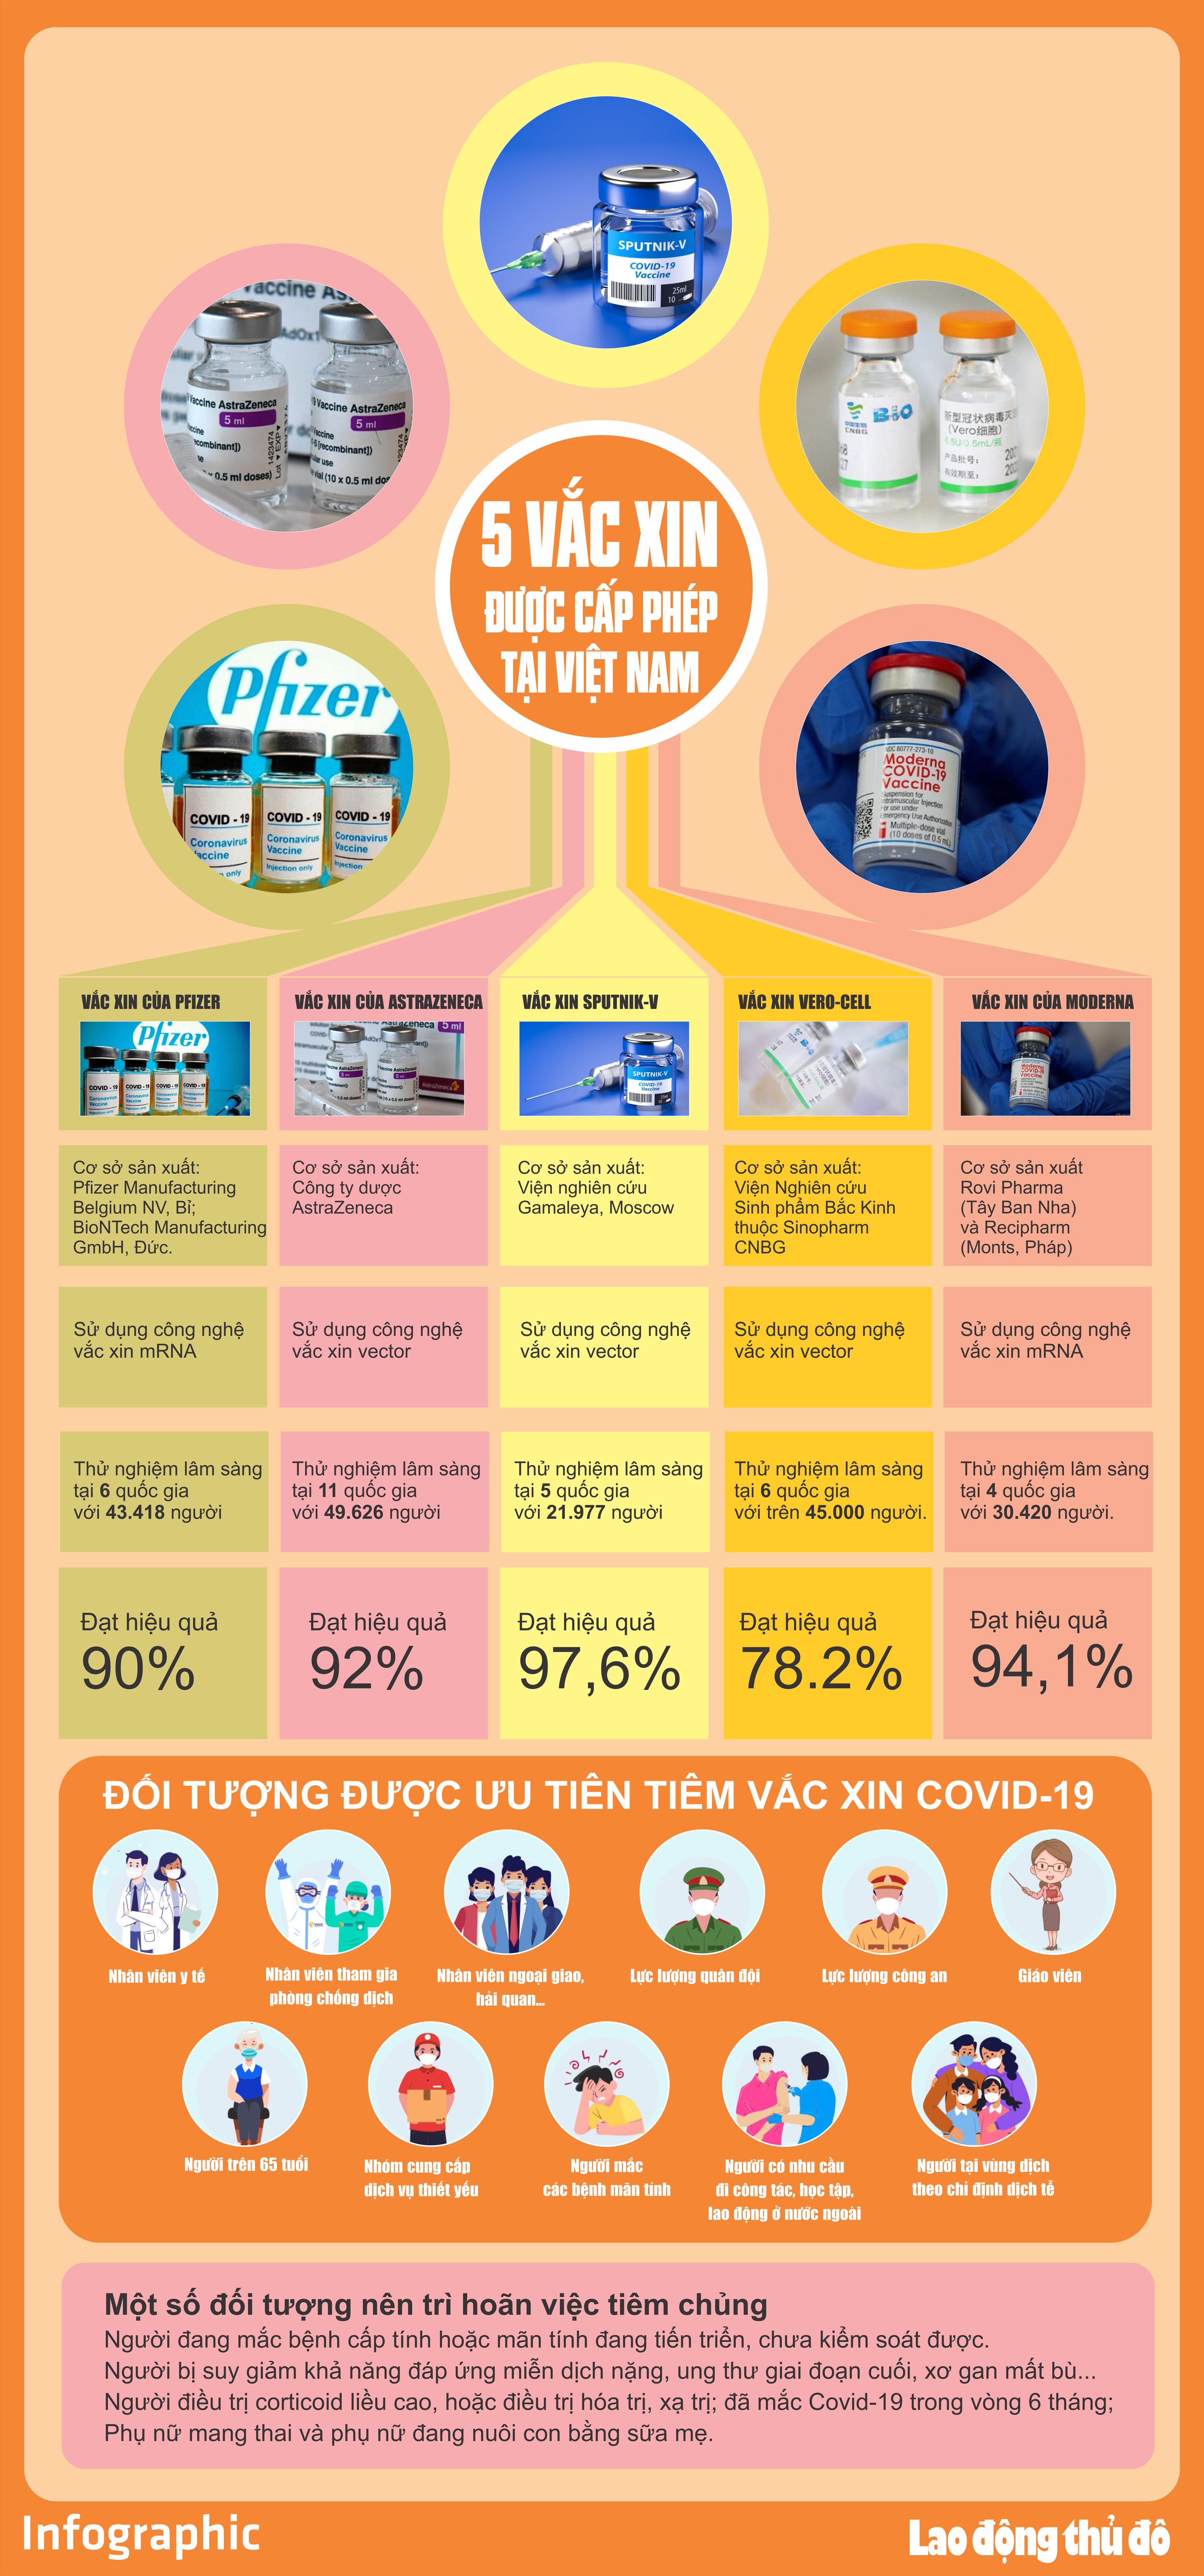 Những điều cần biết về 5 vắc xin được cấp phép tại Việt Nam